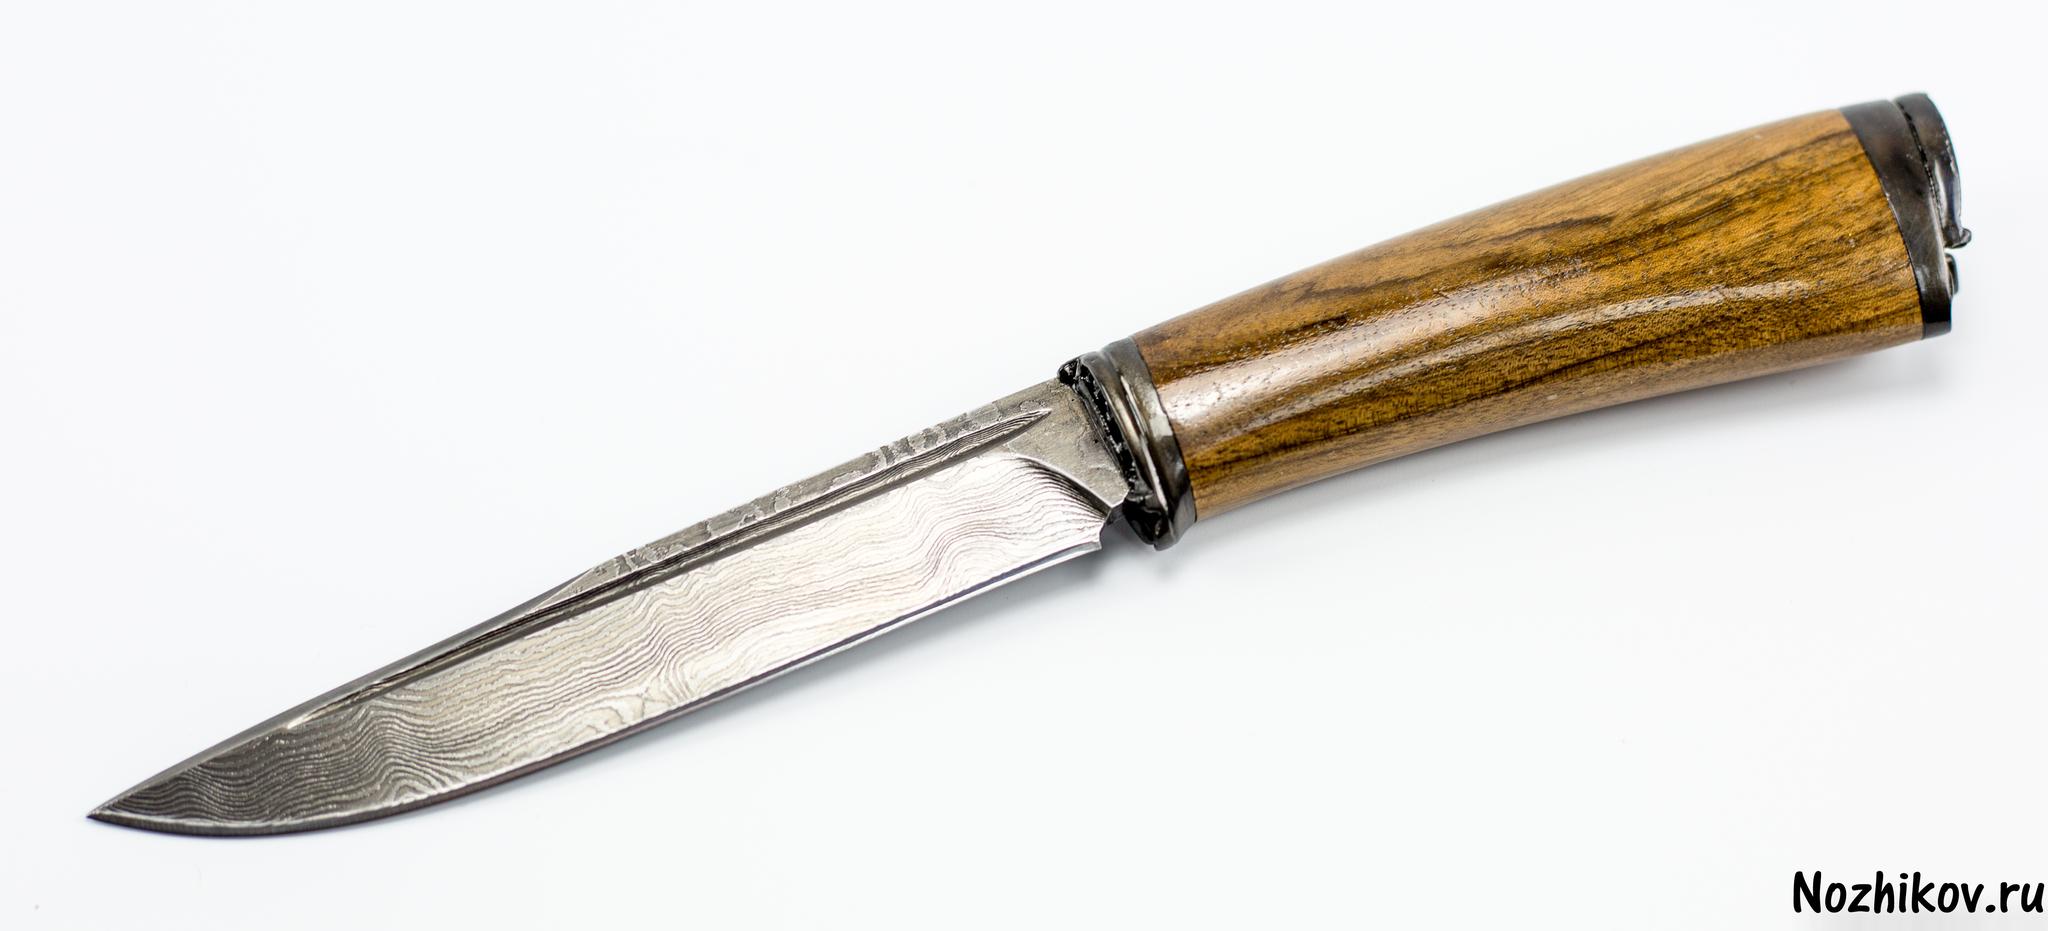 Авторский Нож из Дамаска №11, КизлярНожи Кизляр<br><br>